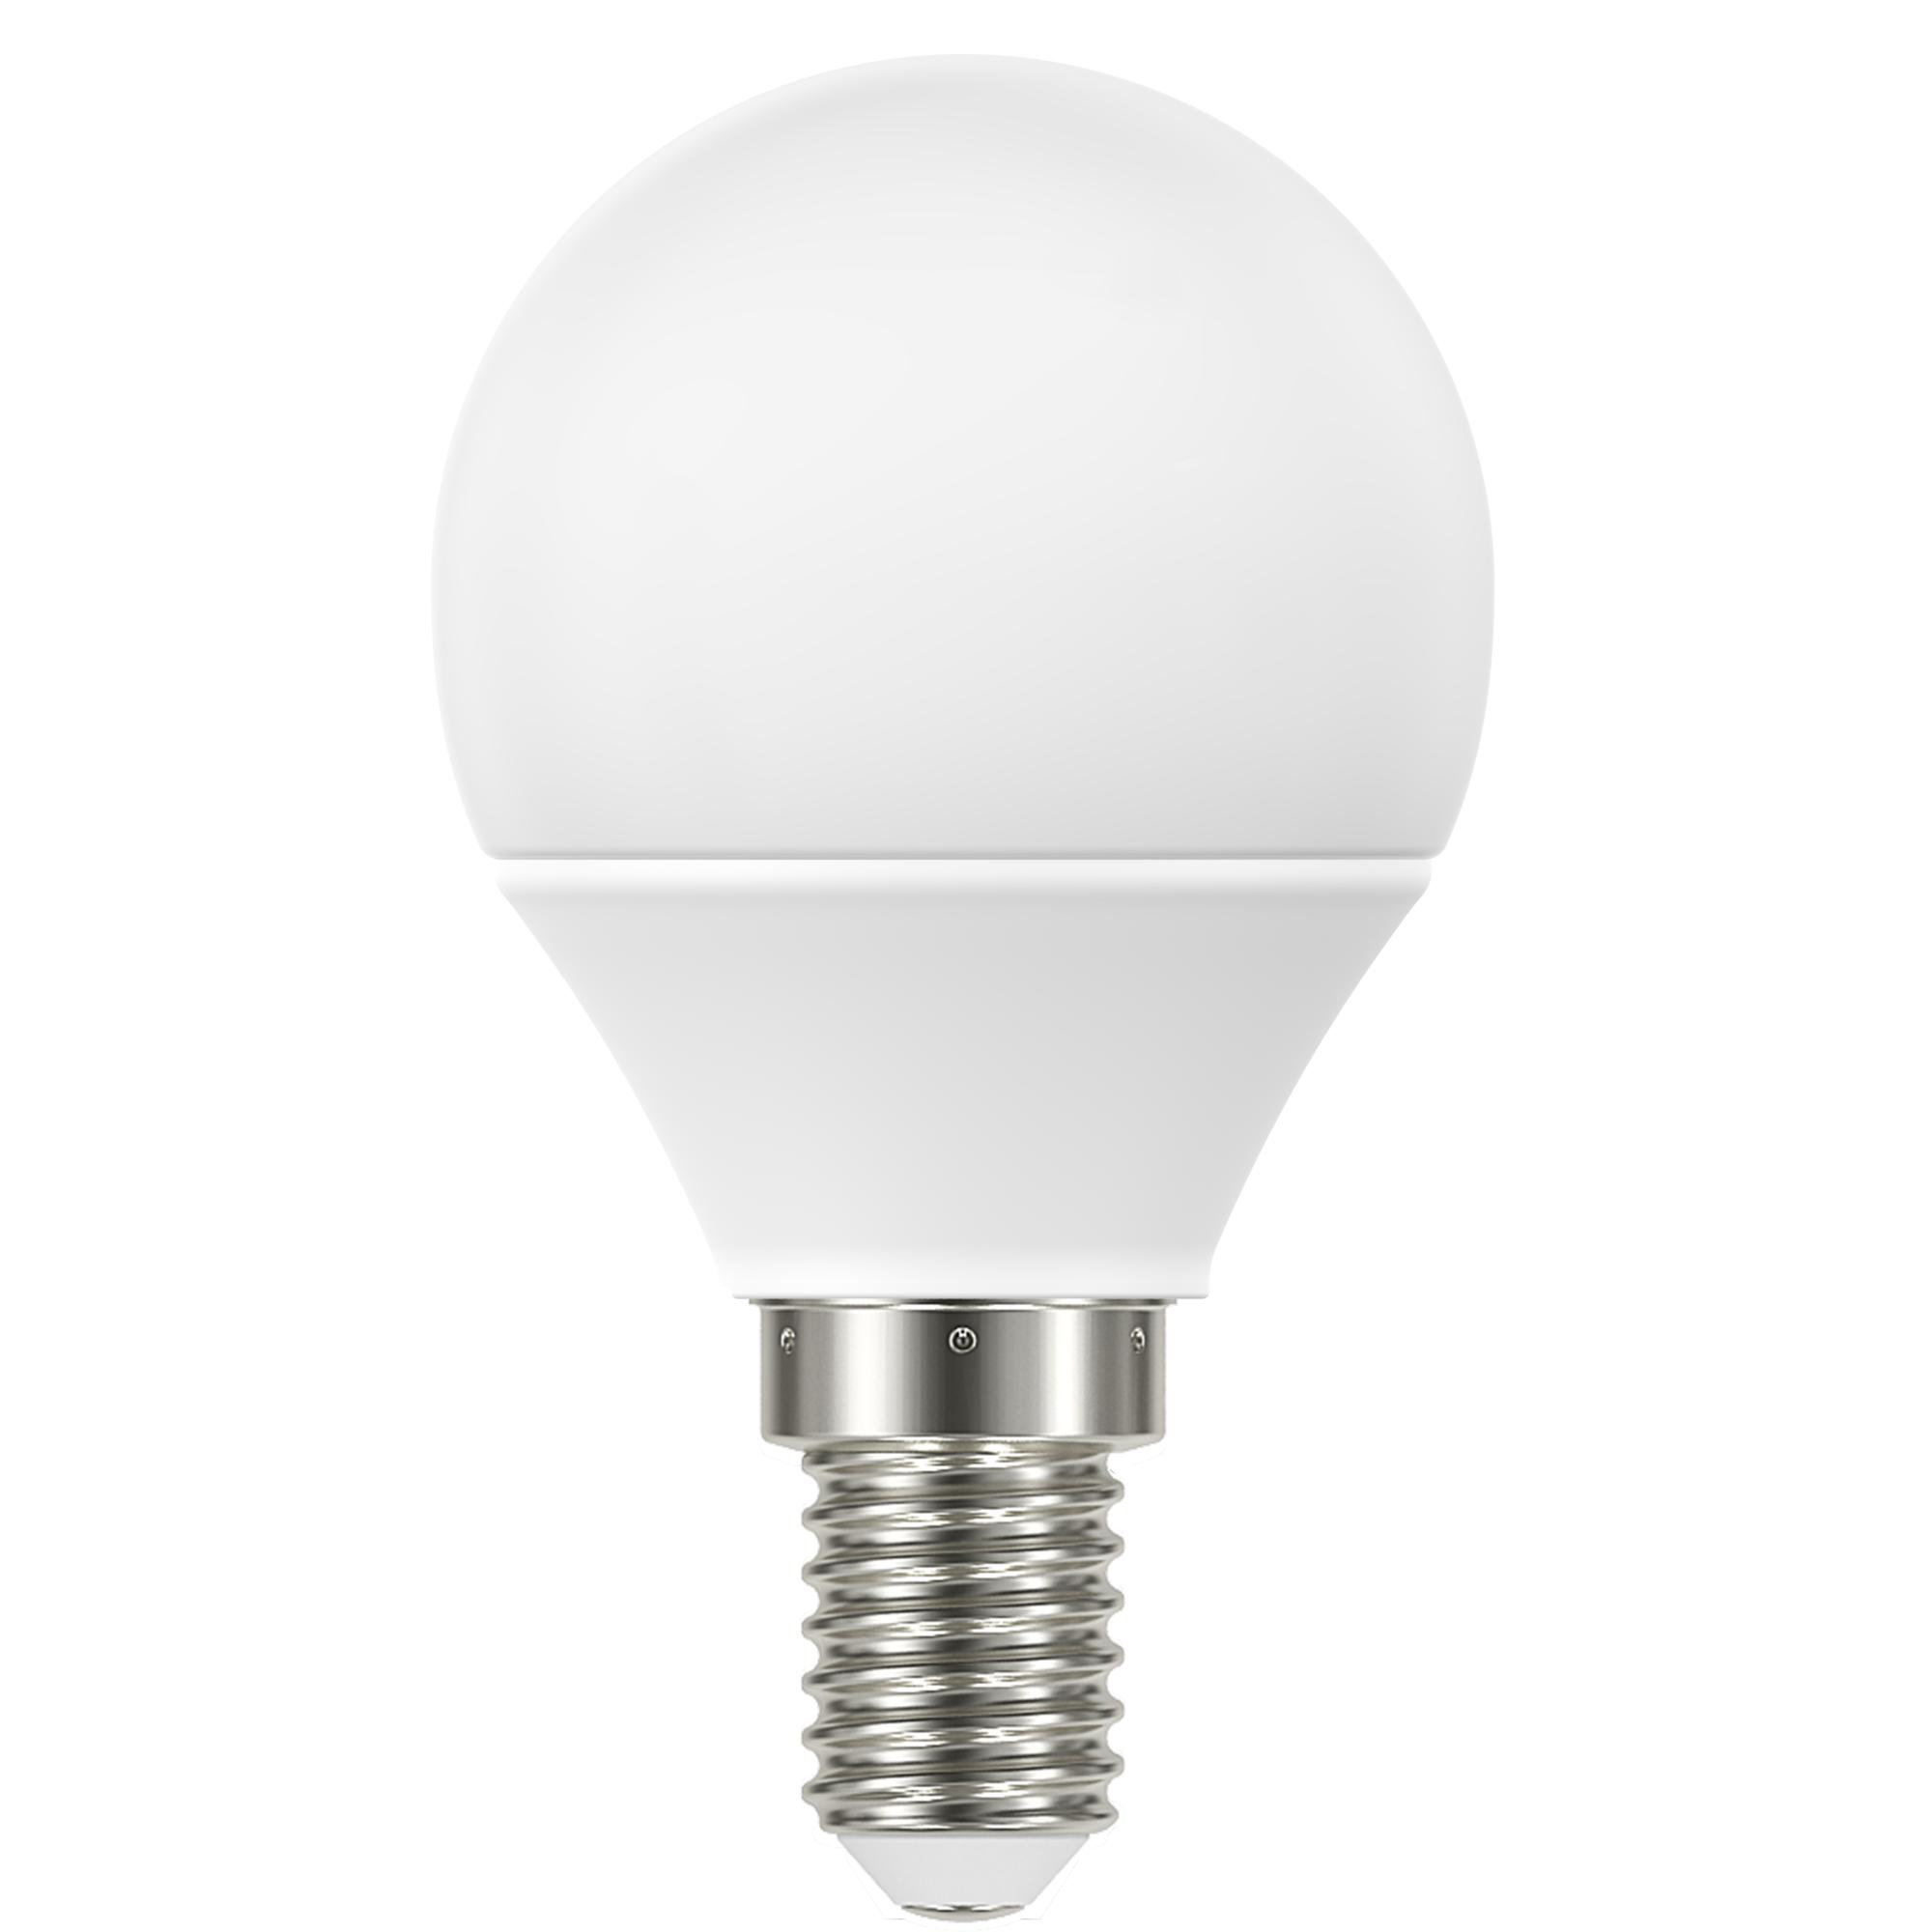 Лампа светодиодная Lexman E14 220 В 4.8 Вт шар матовая 470 лм белый свет